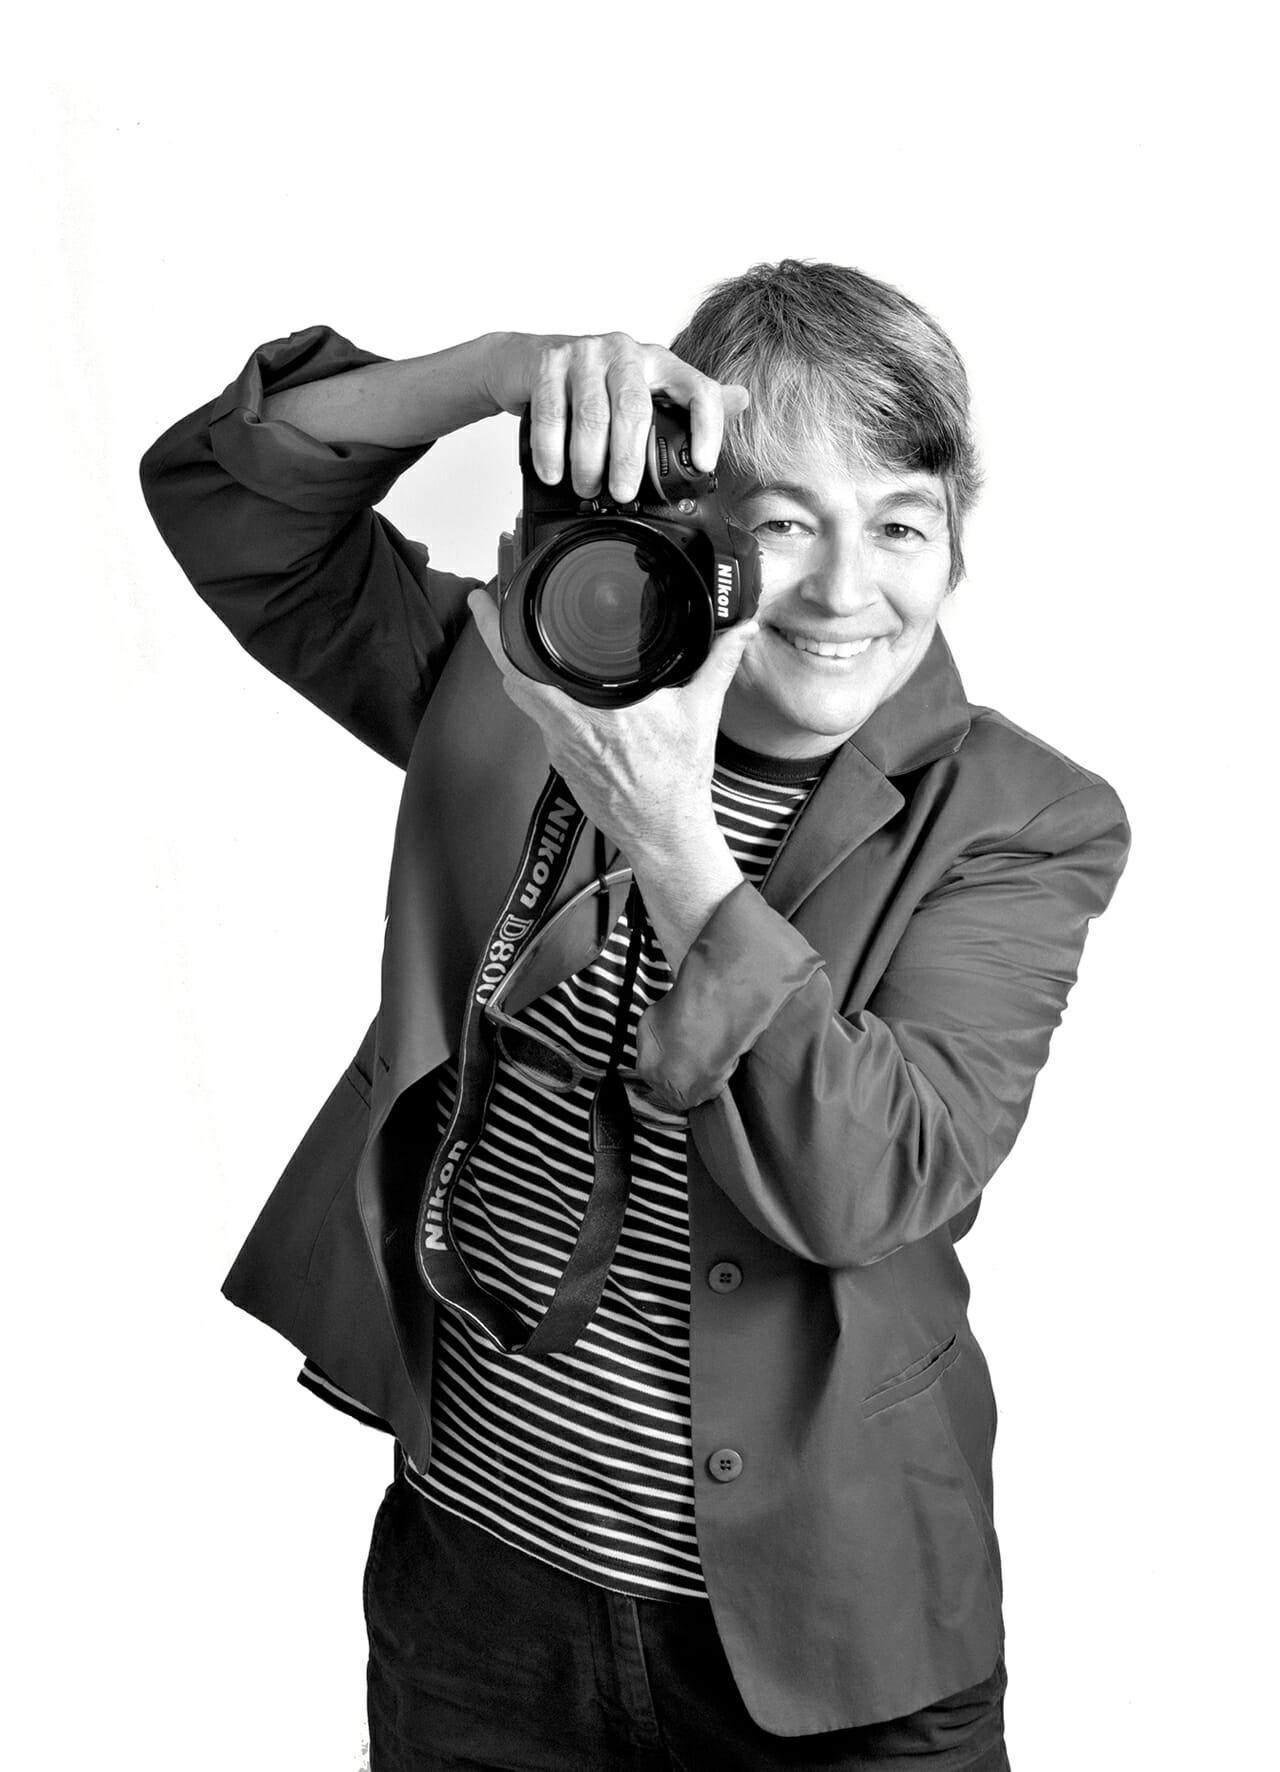 """Una de las fotógrafas mexicanas más reconocidas a nivel internacional. Con publicaciones en revistas tan importantes como """"Vogue"""", """"Colors"""", """"Novias"""" en Italia, EUA, Francia y otros países."""